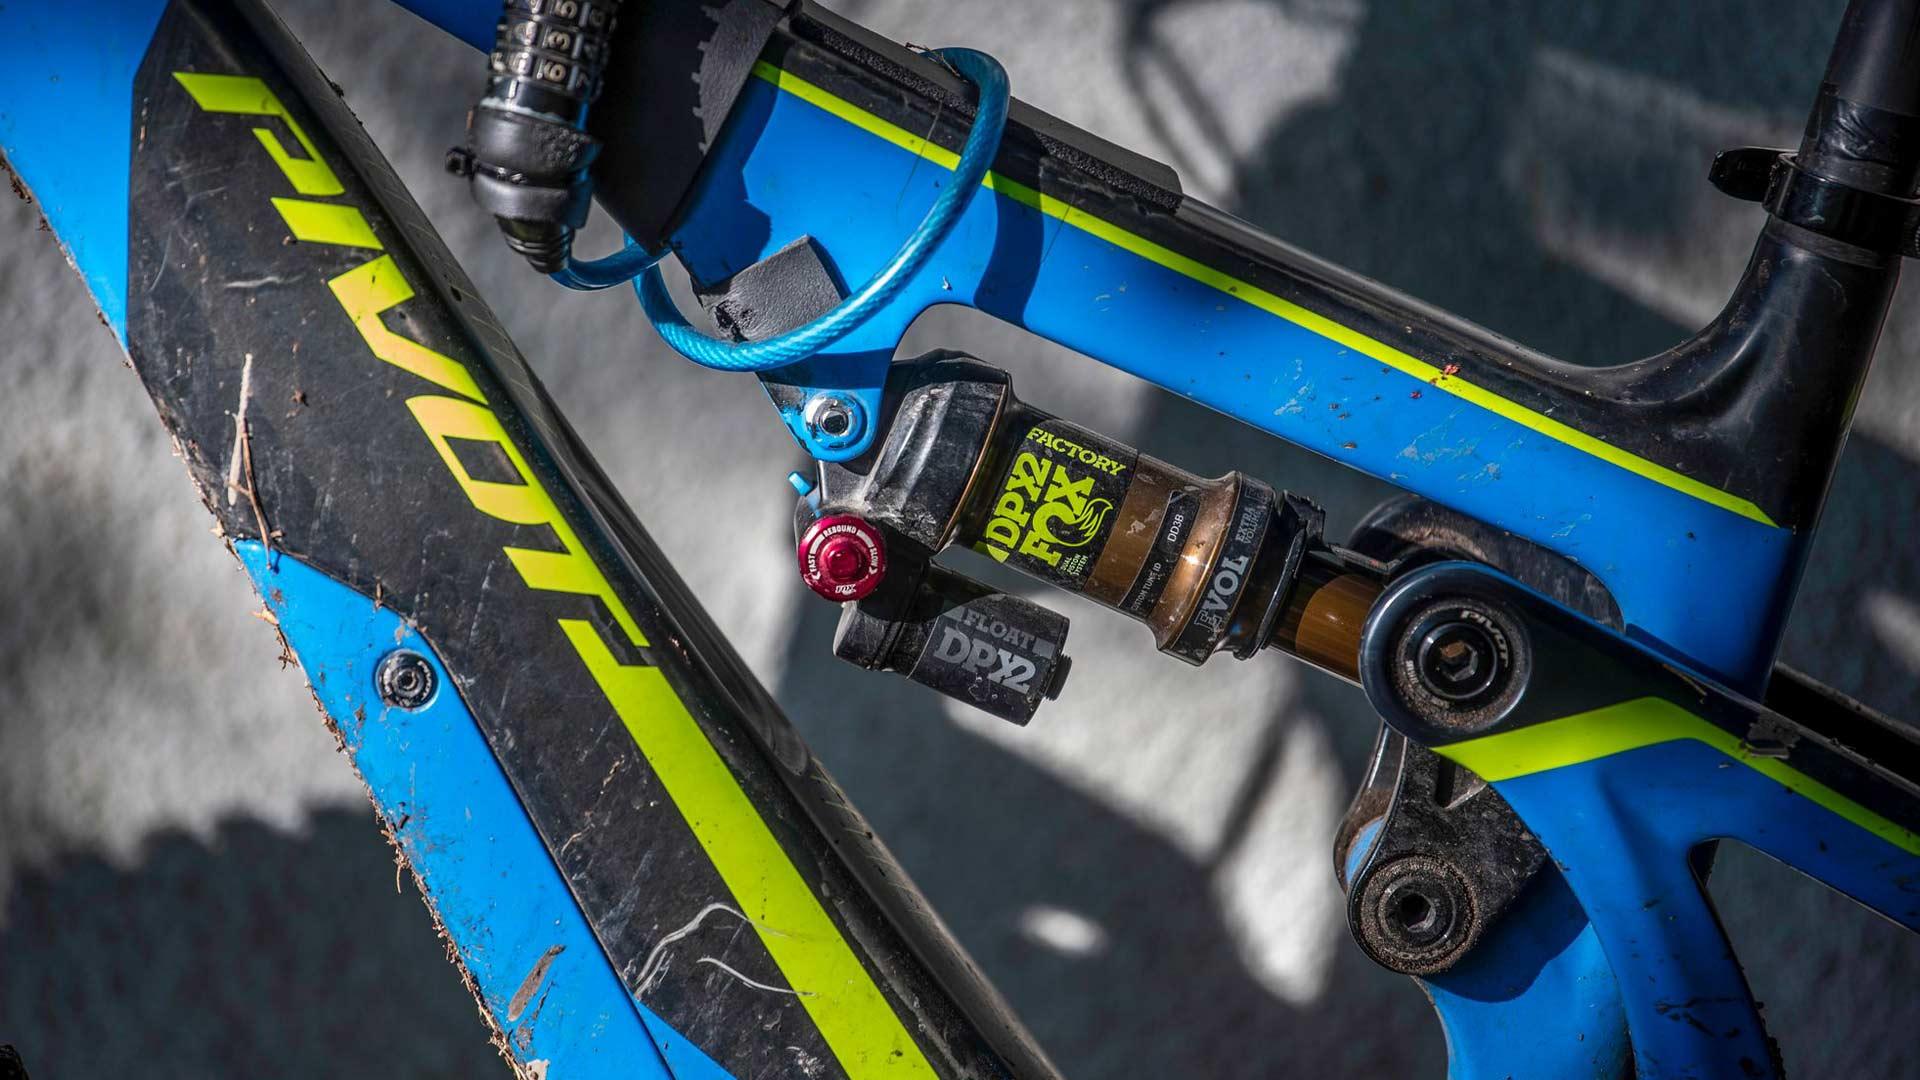 Täysjoustopyörä tuo vakautta ajamiseen ja vauhti kiperille poluille metsän siimeksessä.